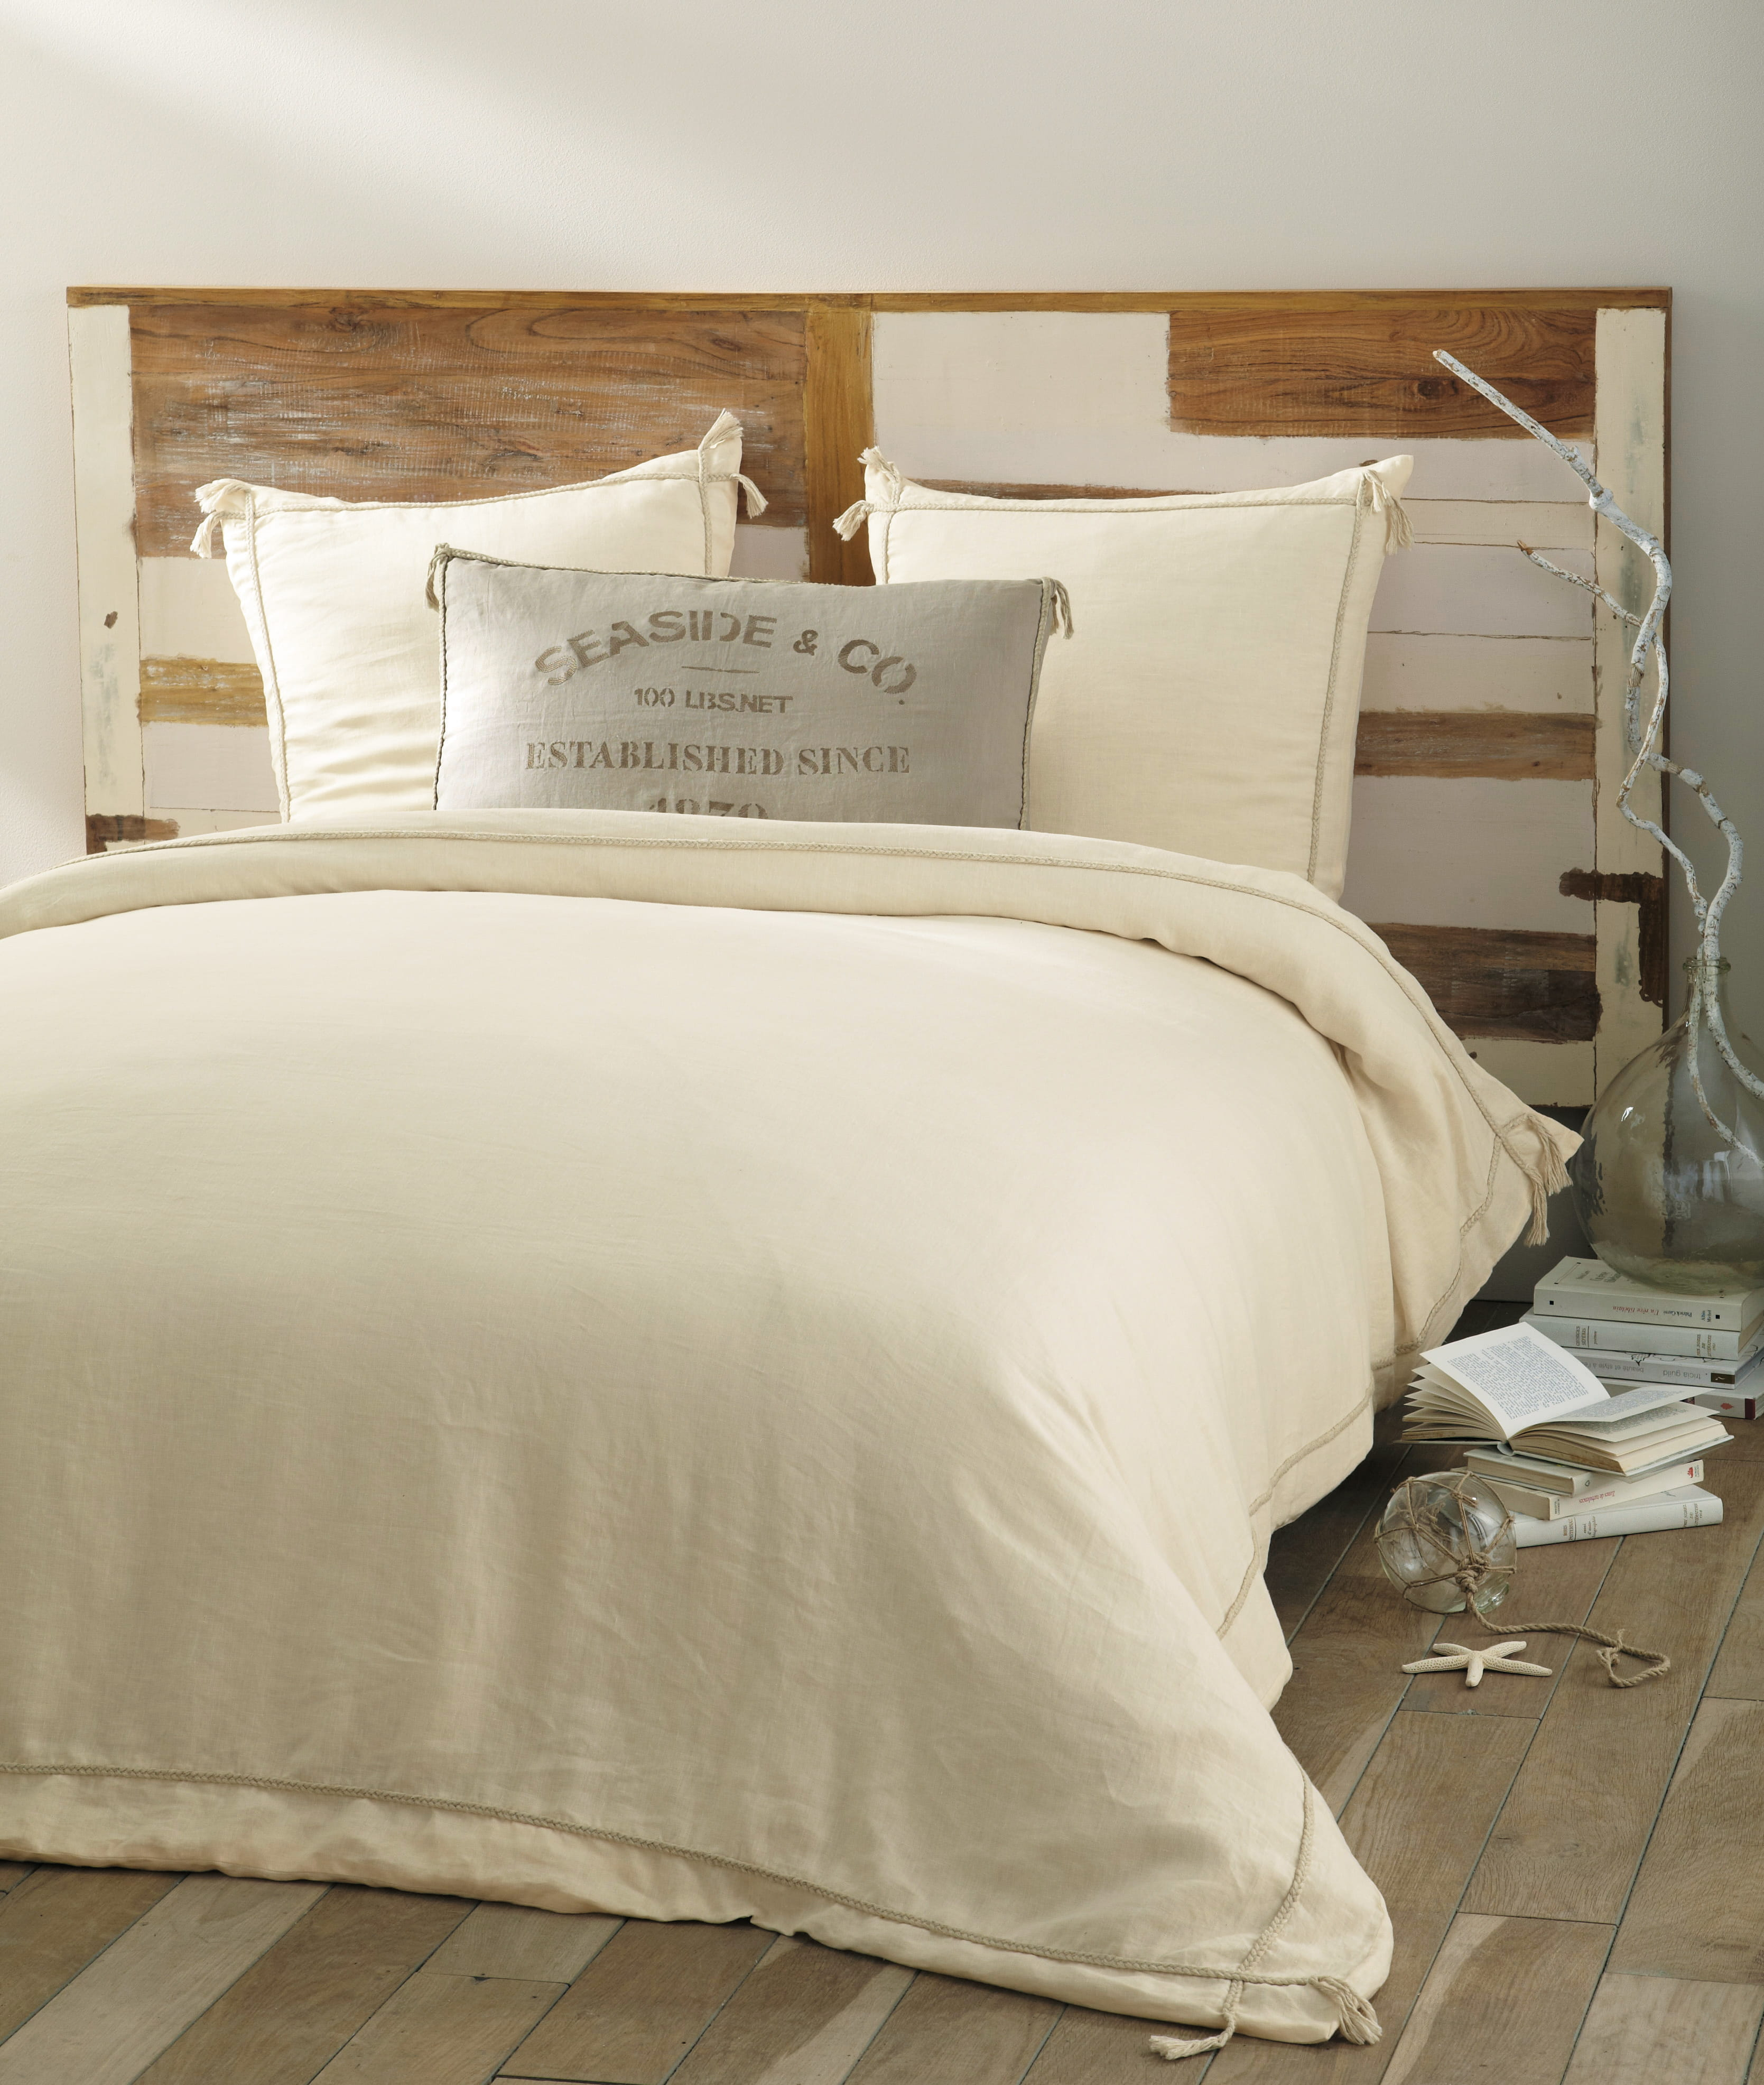 Linge de lit seaside de maisons du monde linge de lit for Linge de lit maison du monde